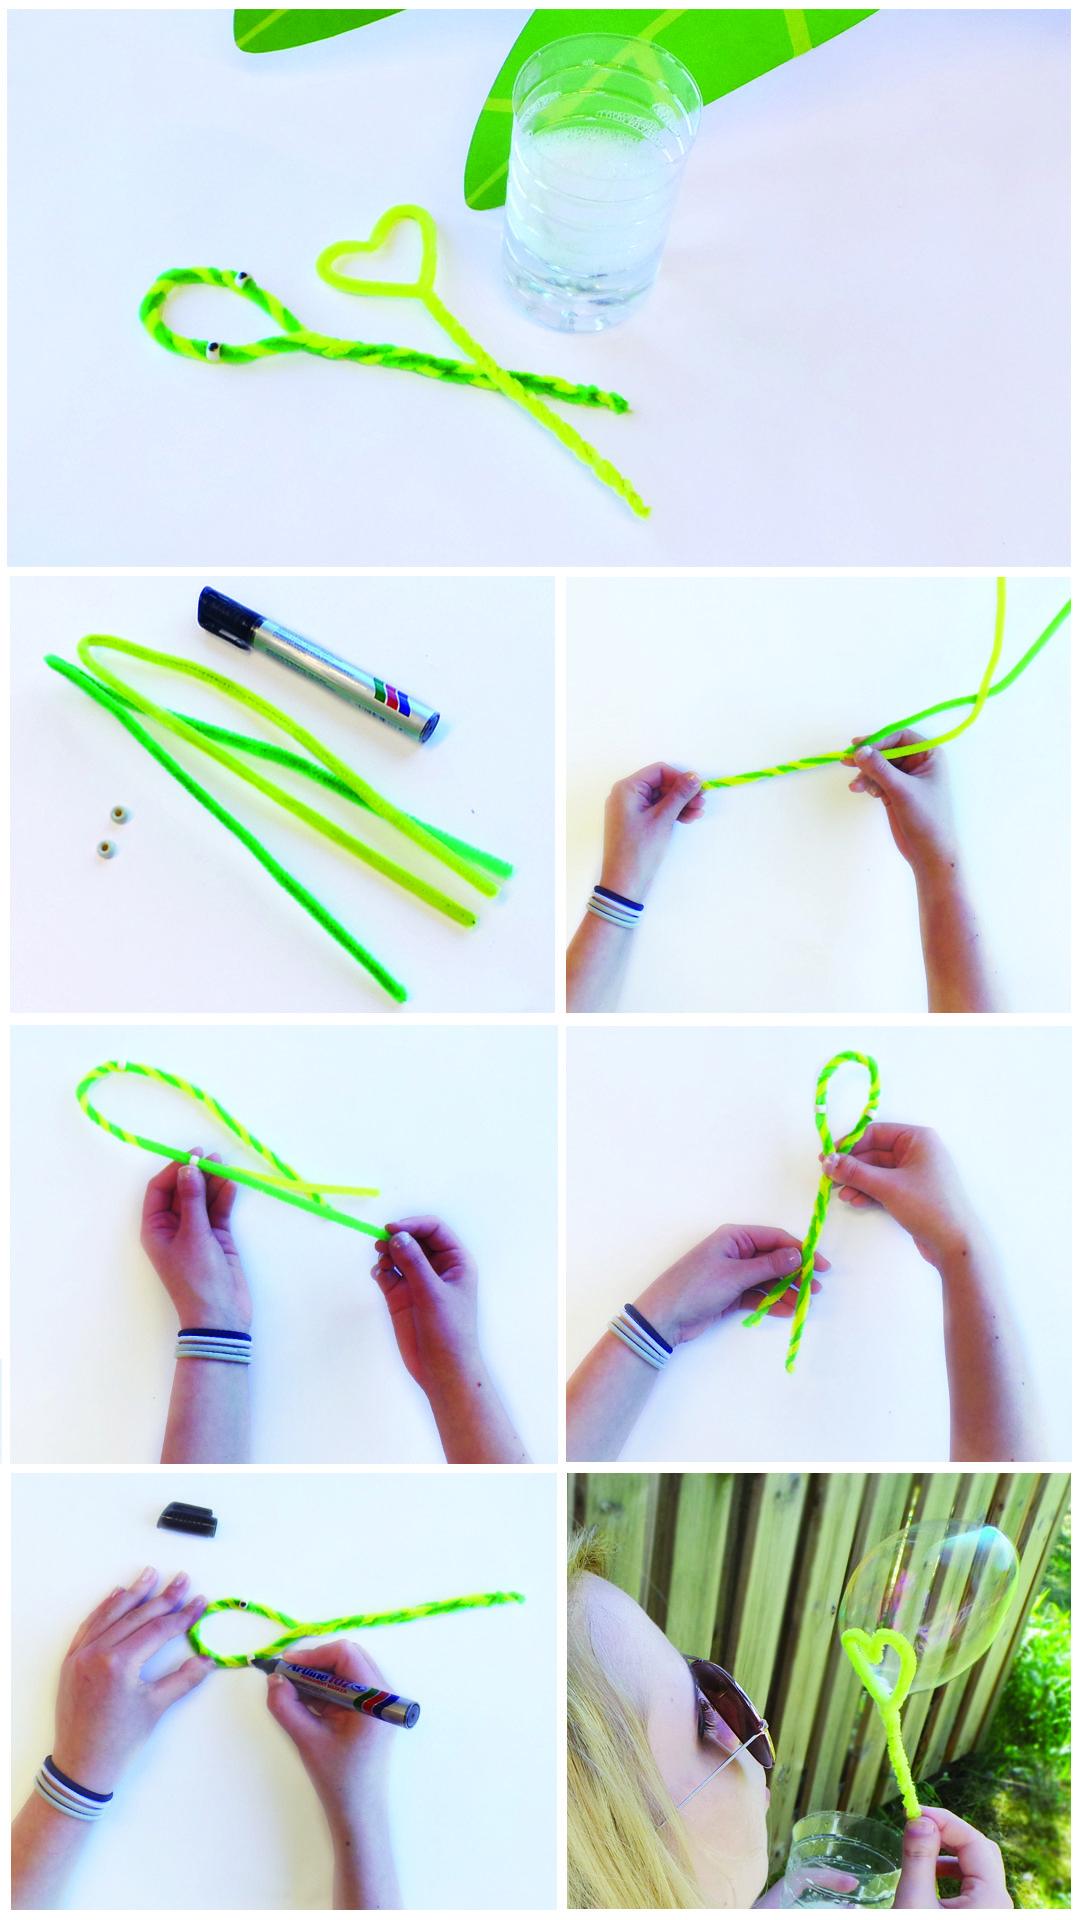 Saippuakuplat | lasten | juhlat | askartelu | syntymäpäivät | synttärit | askartelu | bubbles | DIY ideas | birthday | party | kids | children | kid crafts | crafts | Pikku Kakkonen